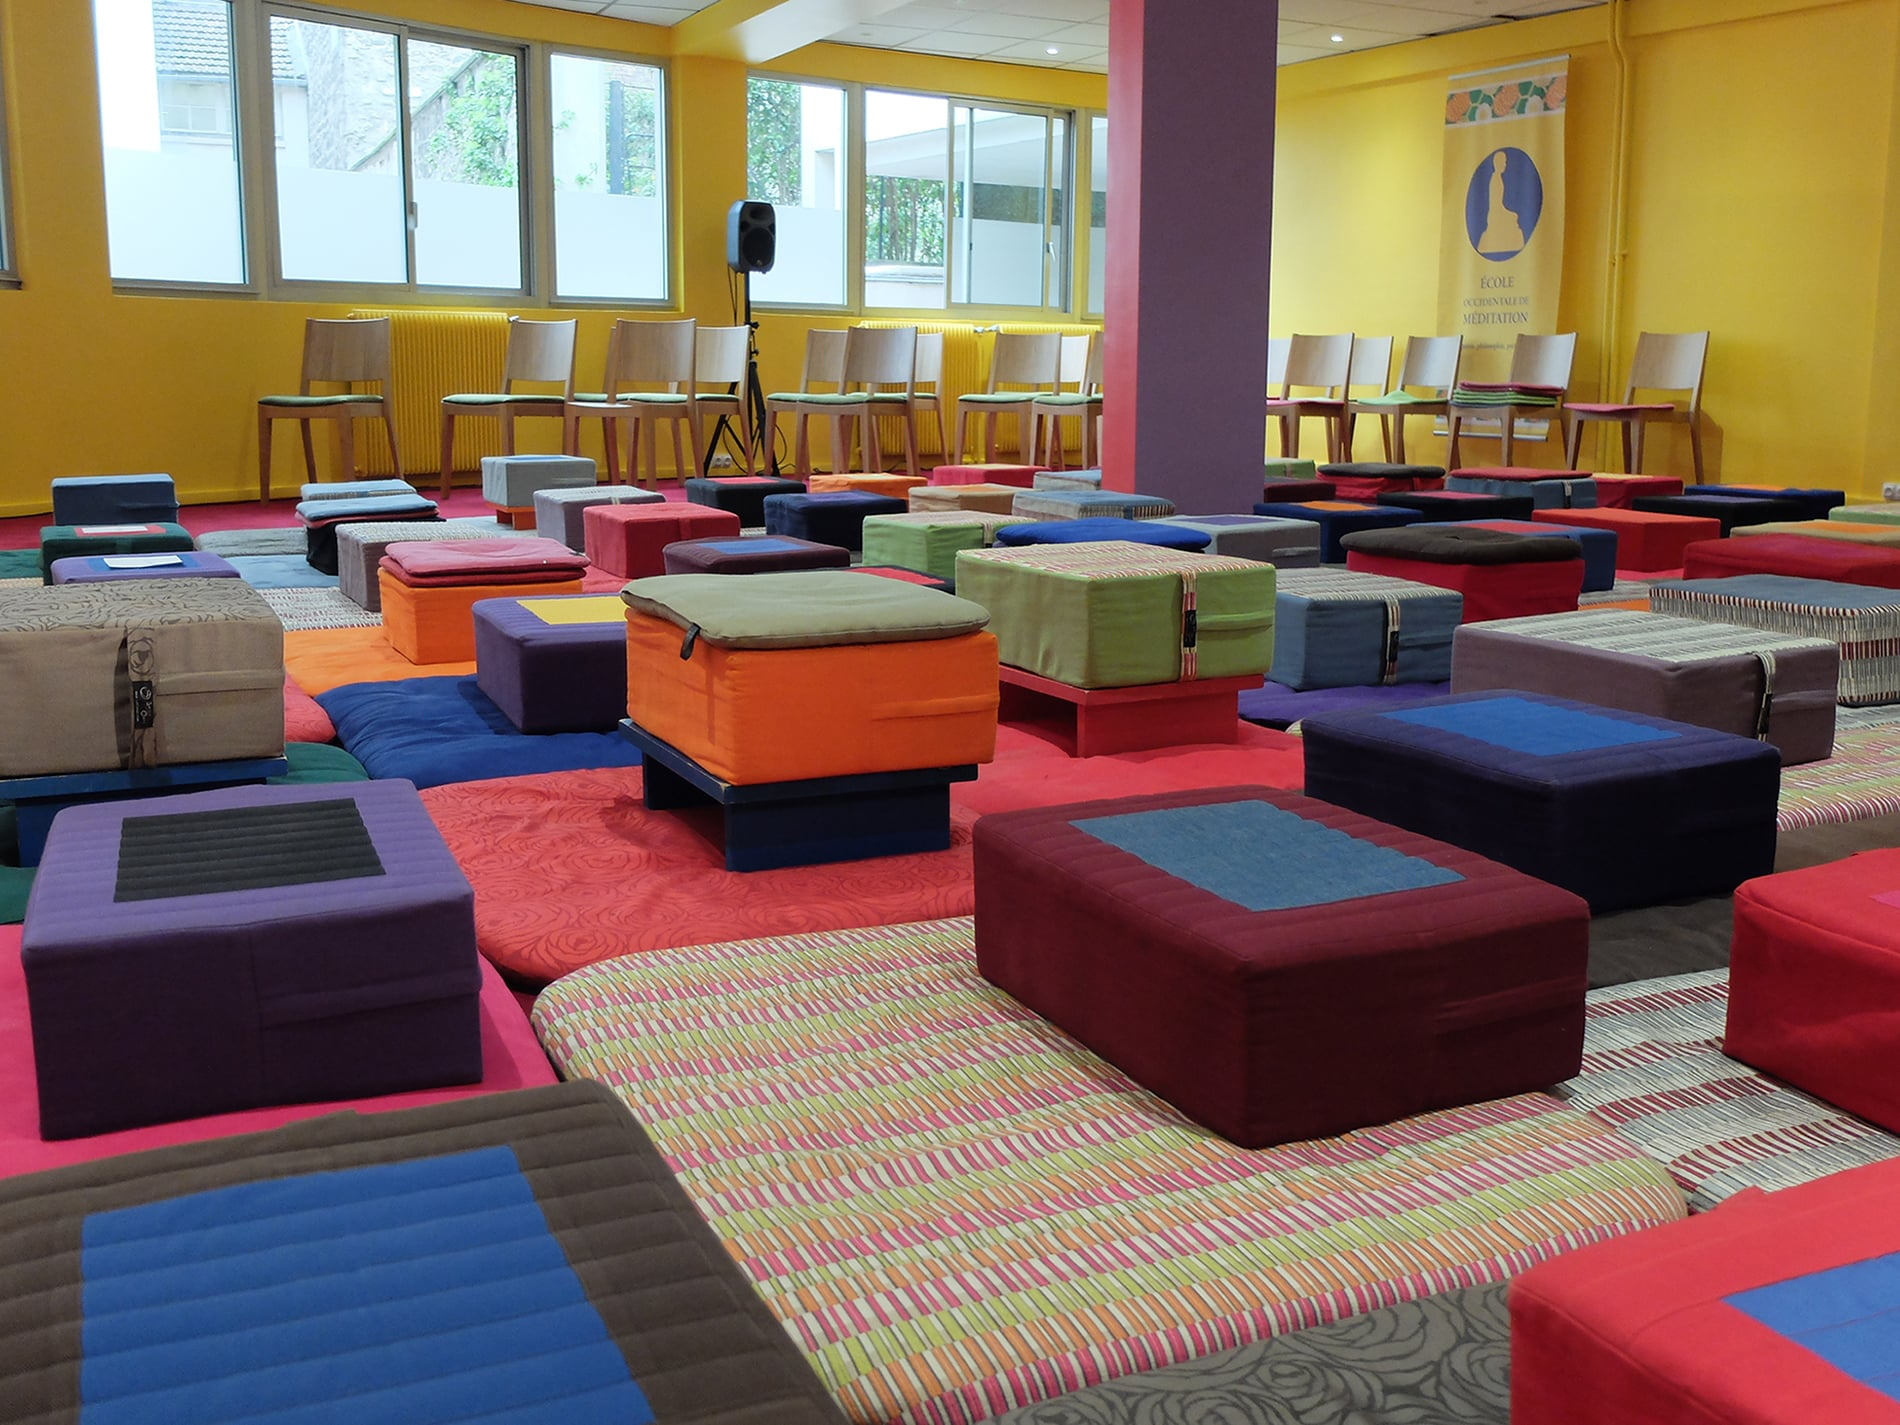 Décoration Salle De Méditation portes ouvertes : soirée méditation – maison de la méditation